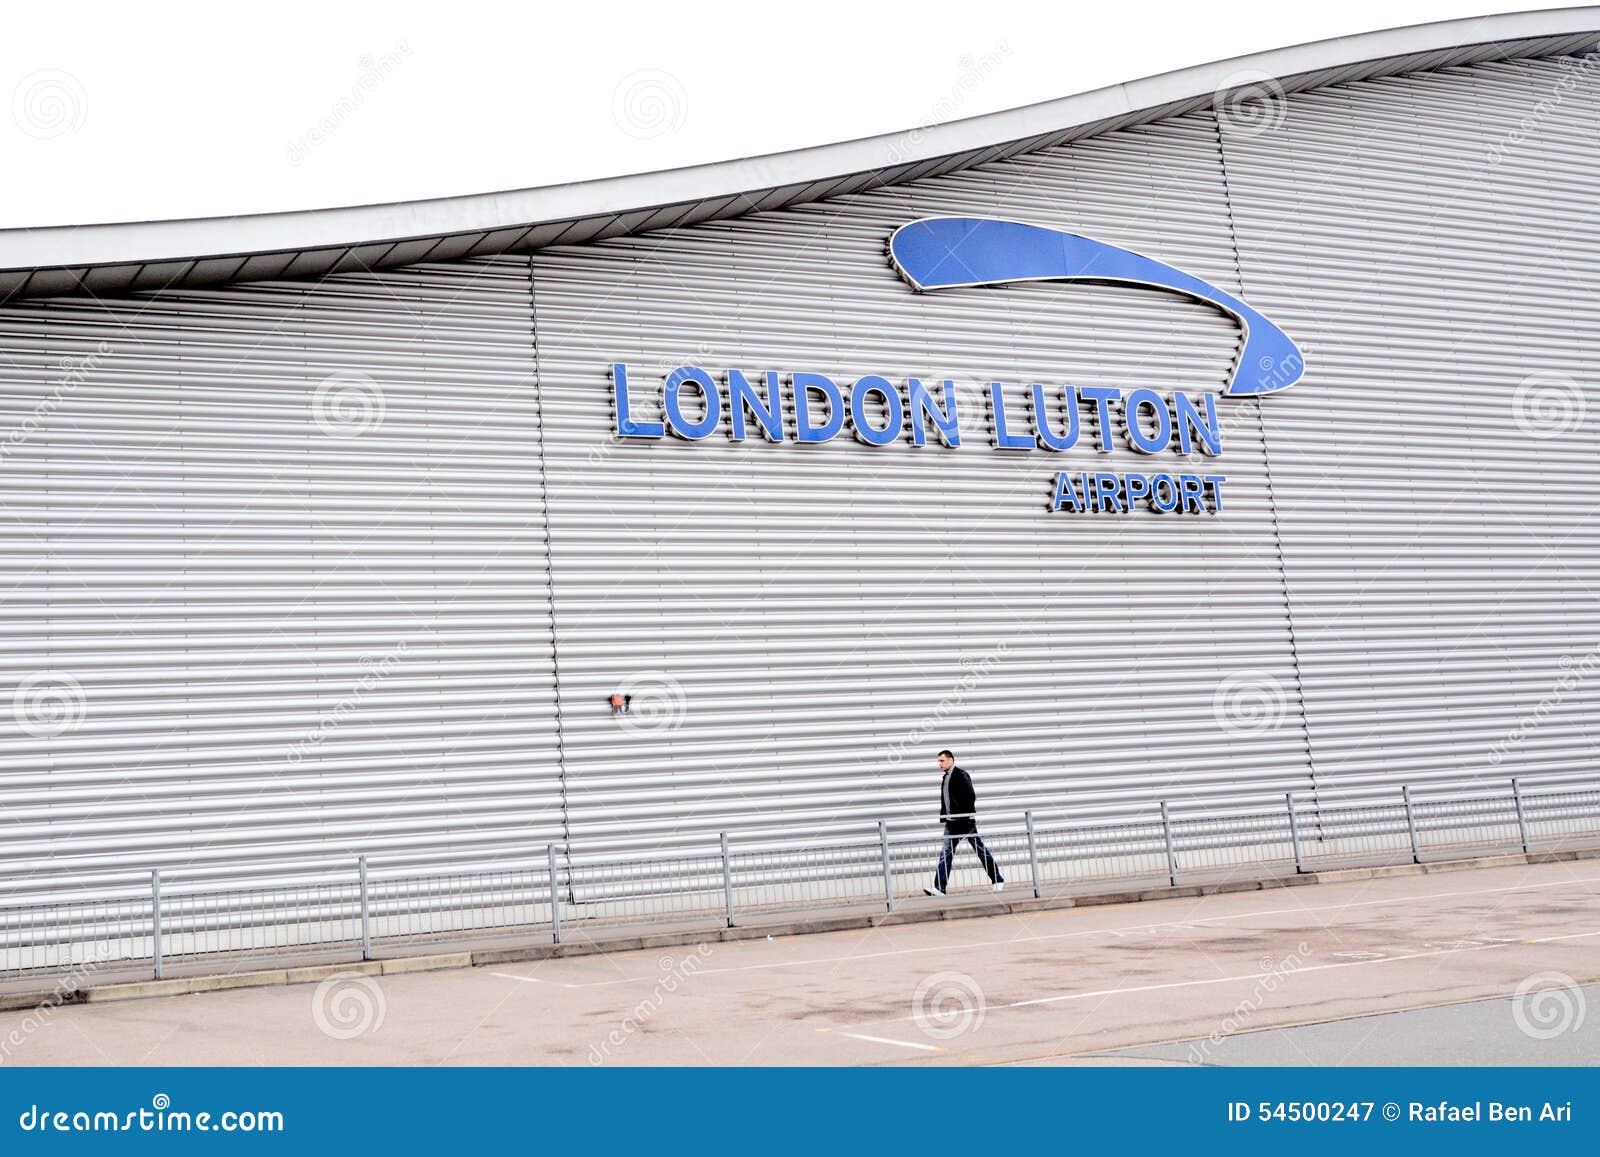 Aéroport de Londres Luton